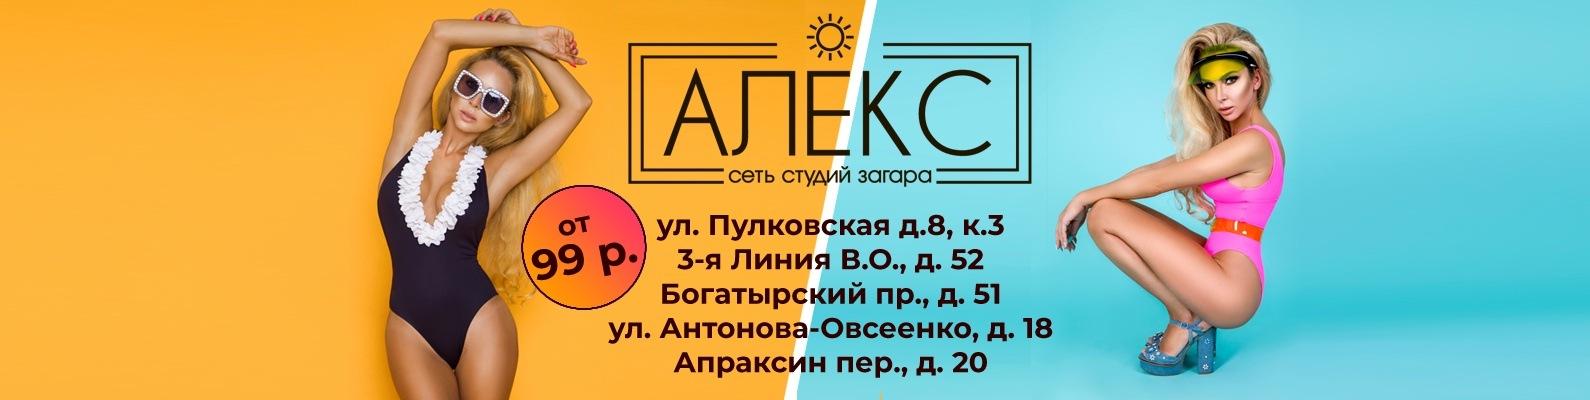 алекс отель на антонова овсеенко 18 почасовой